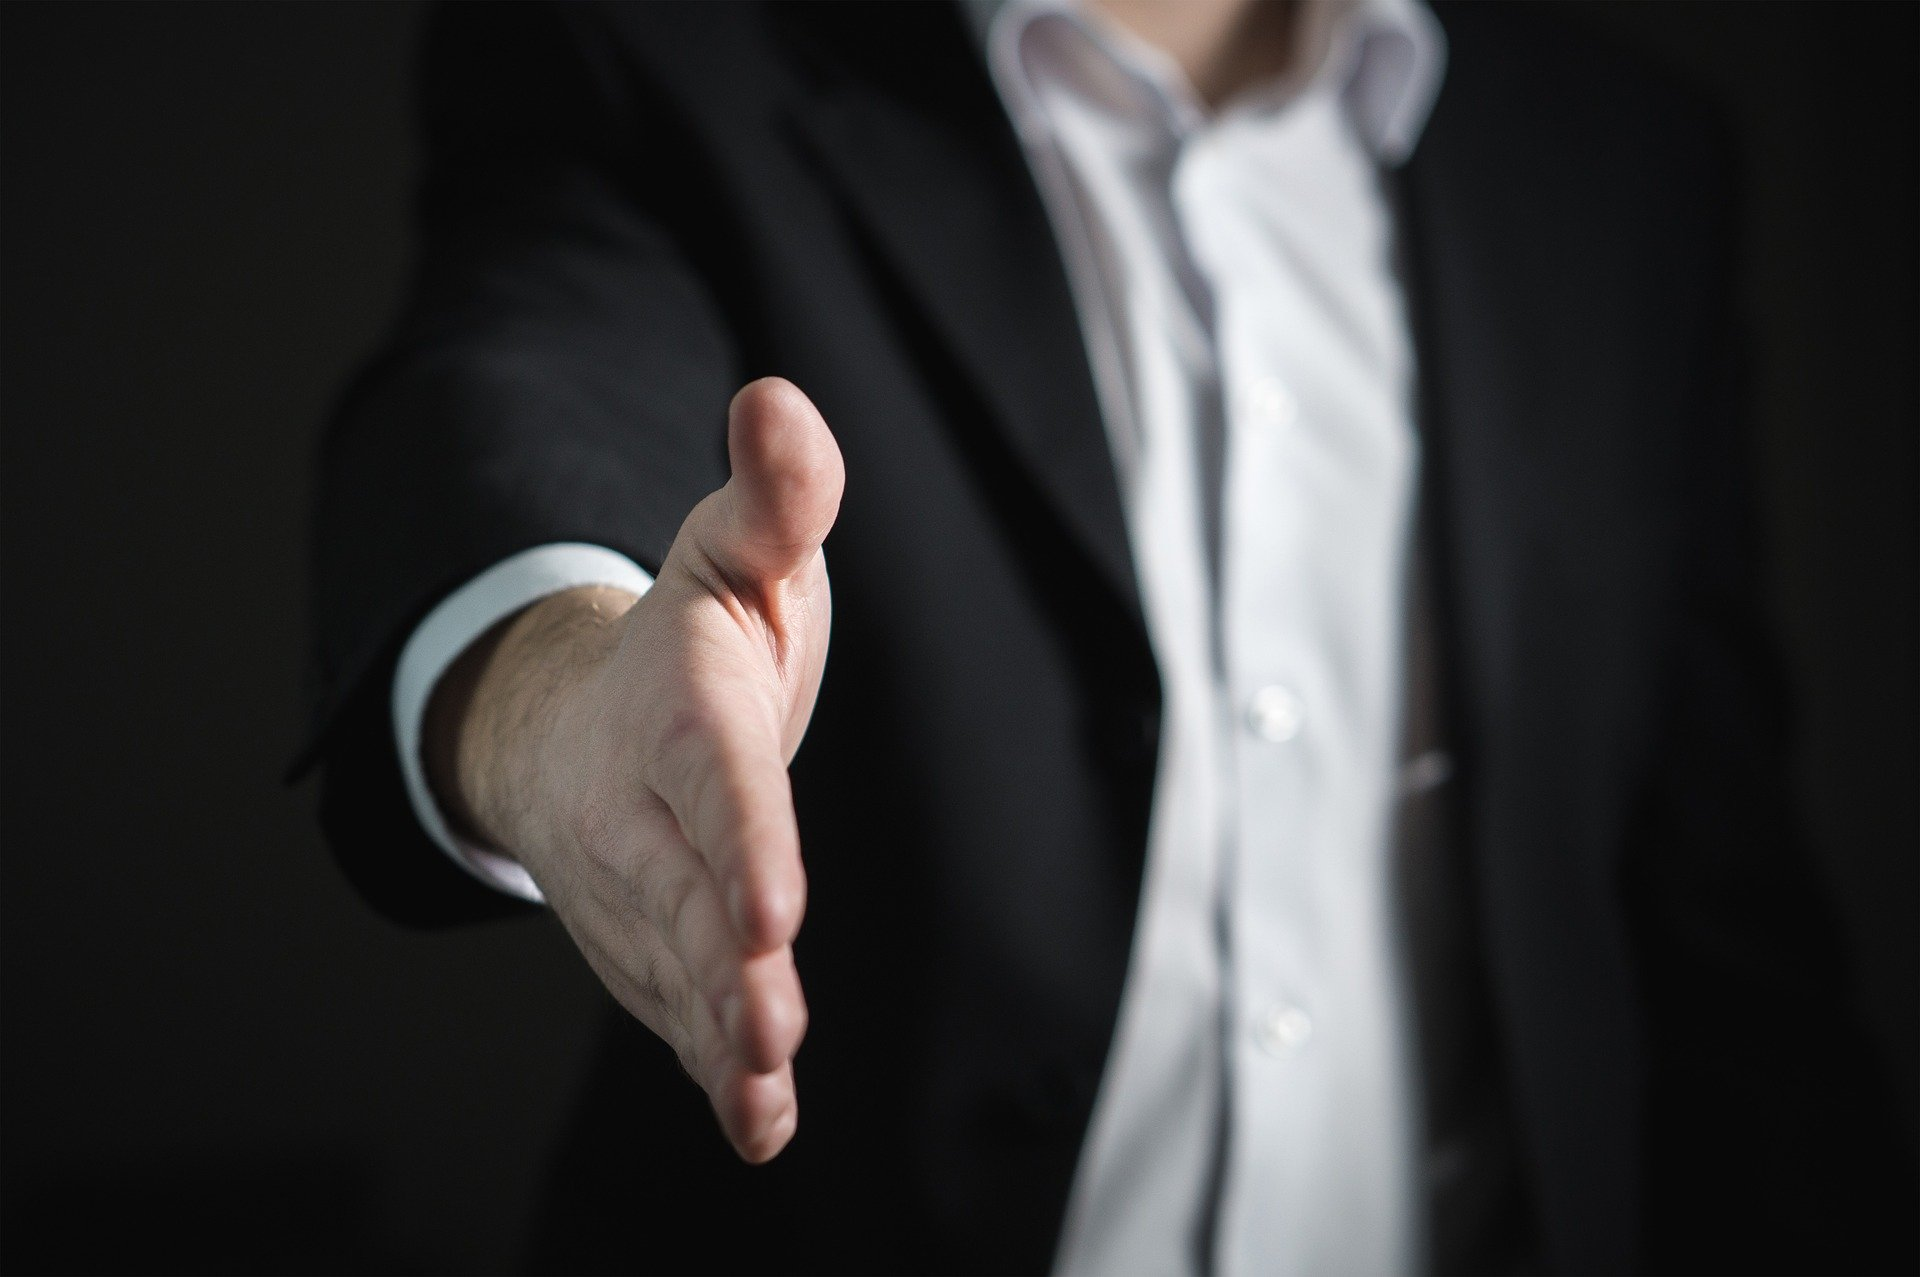 Técnicas de negociación del FBI que podrías aplicar en tu trabajo